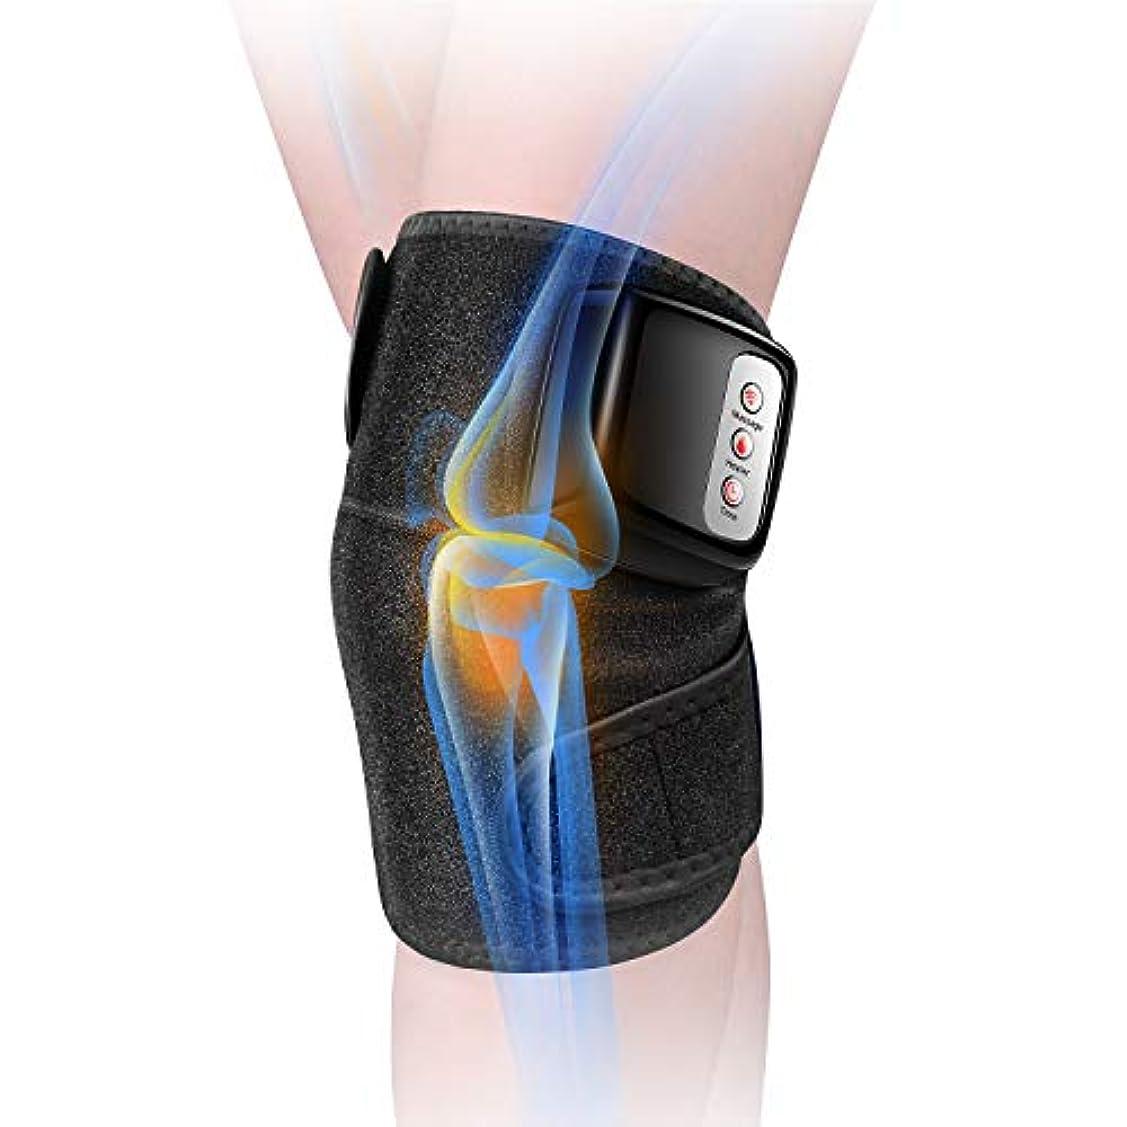 トラック終了する溶融膝マッサージャー 関節マッサージャー マッサージ器 フットマッサージャー 振動 赤外線療法 温熱療法 膝サポーター ストレス解消 肩 太もも/腕対応